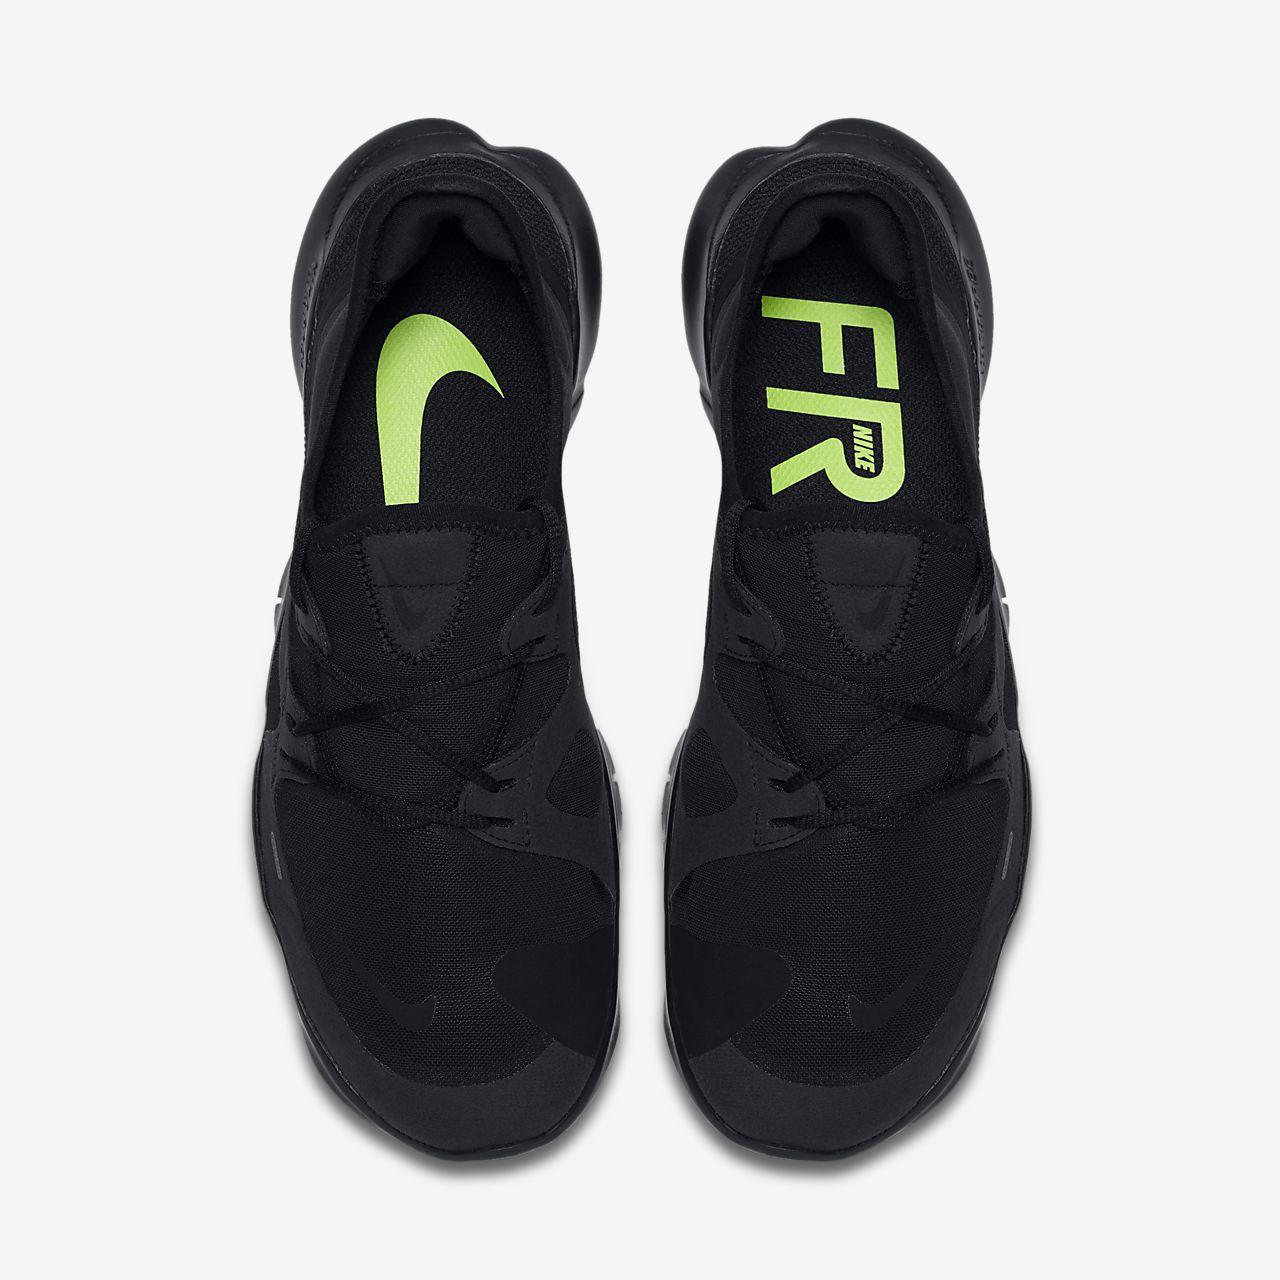 Mens Nike Free Runs 3.0 V2 | The Centre for Contemporary History